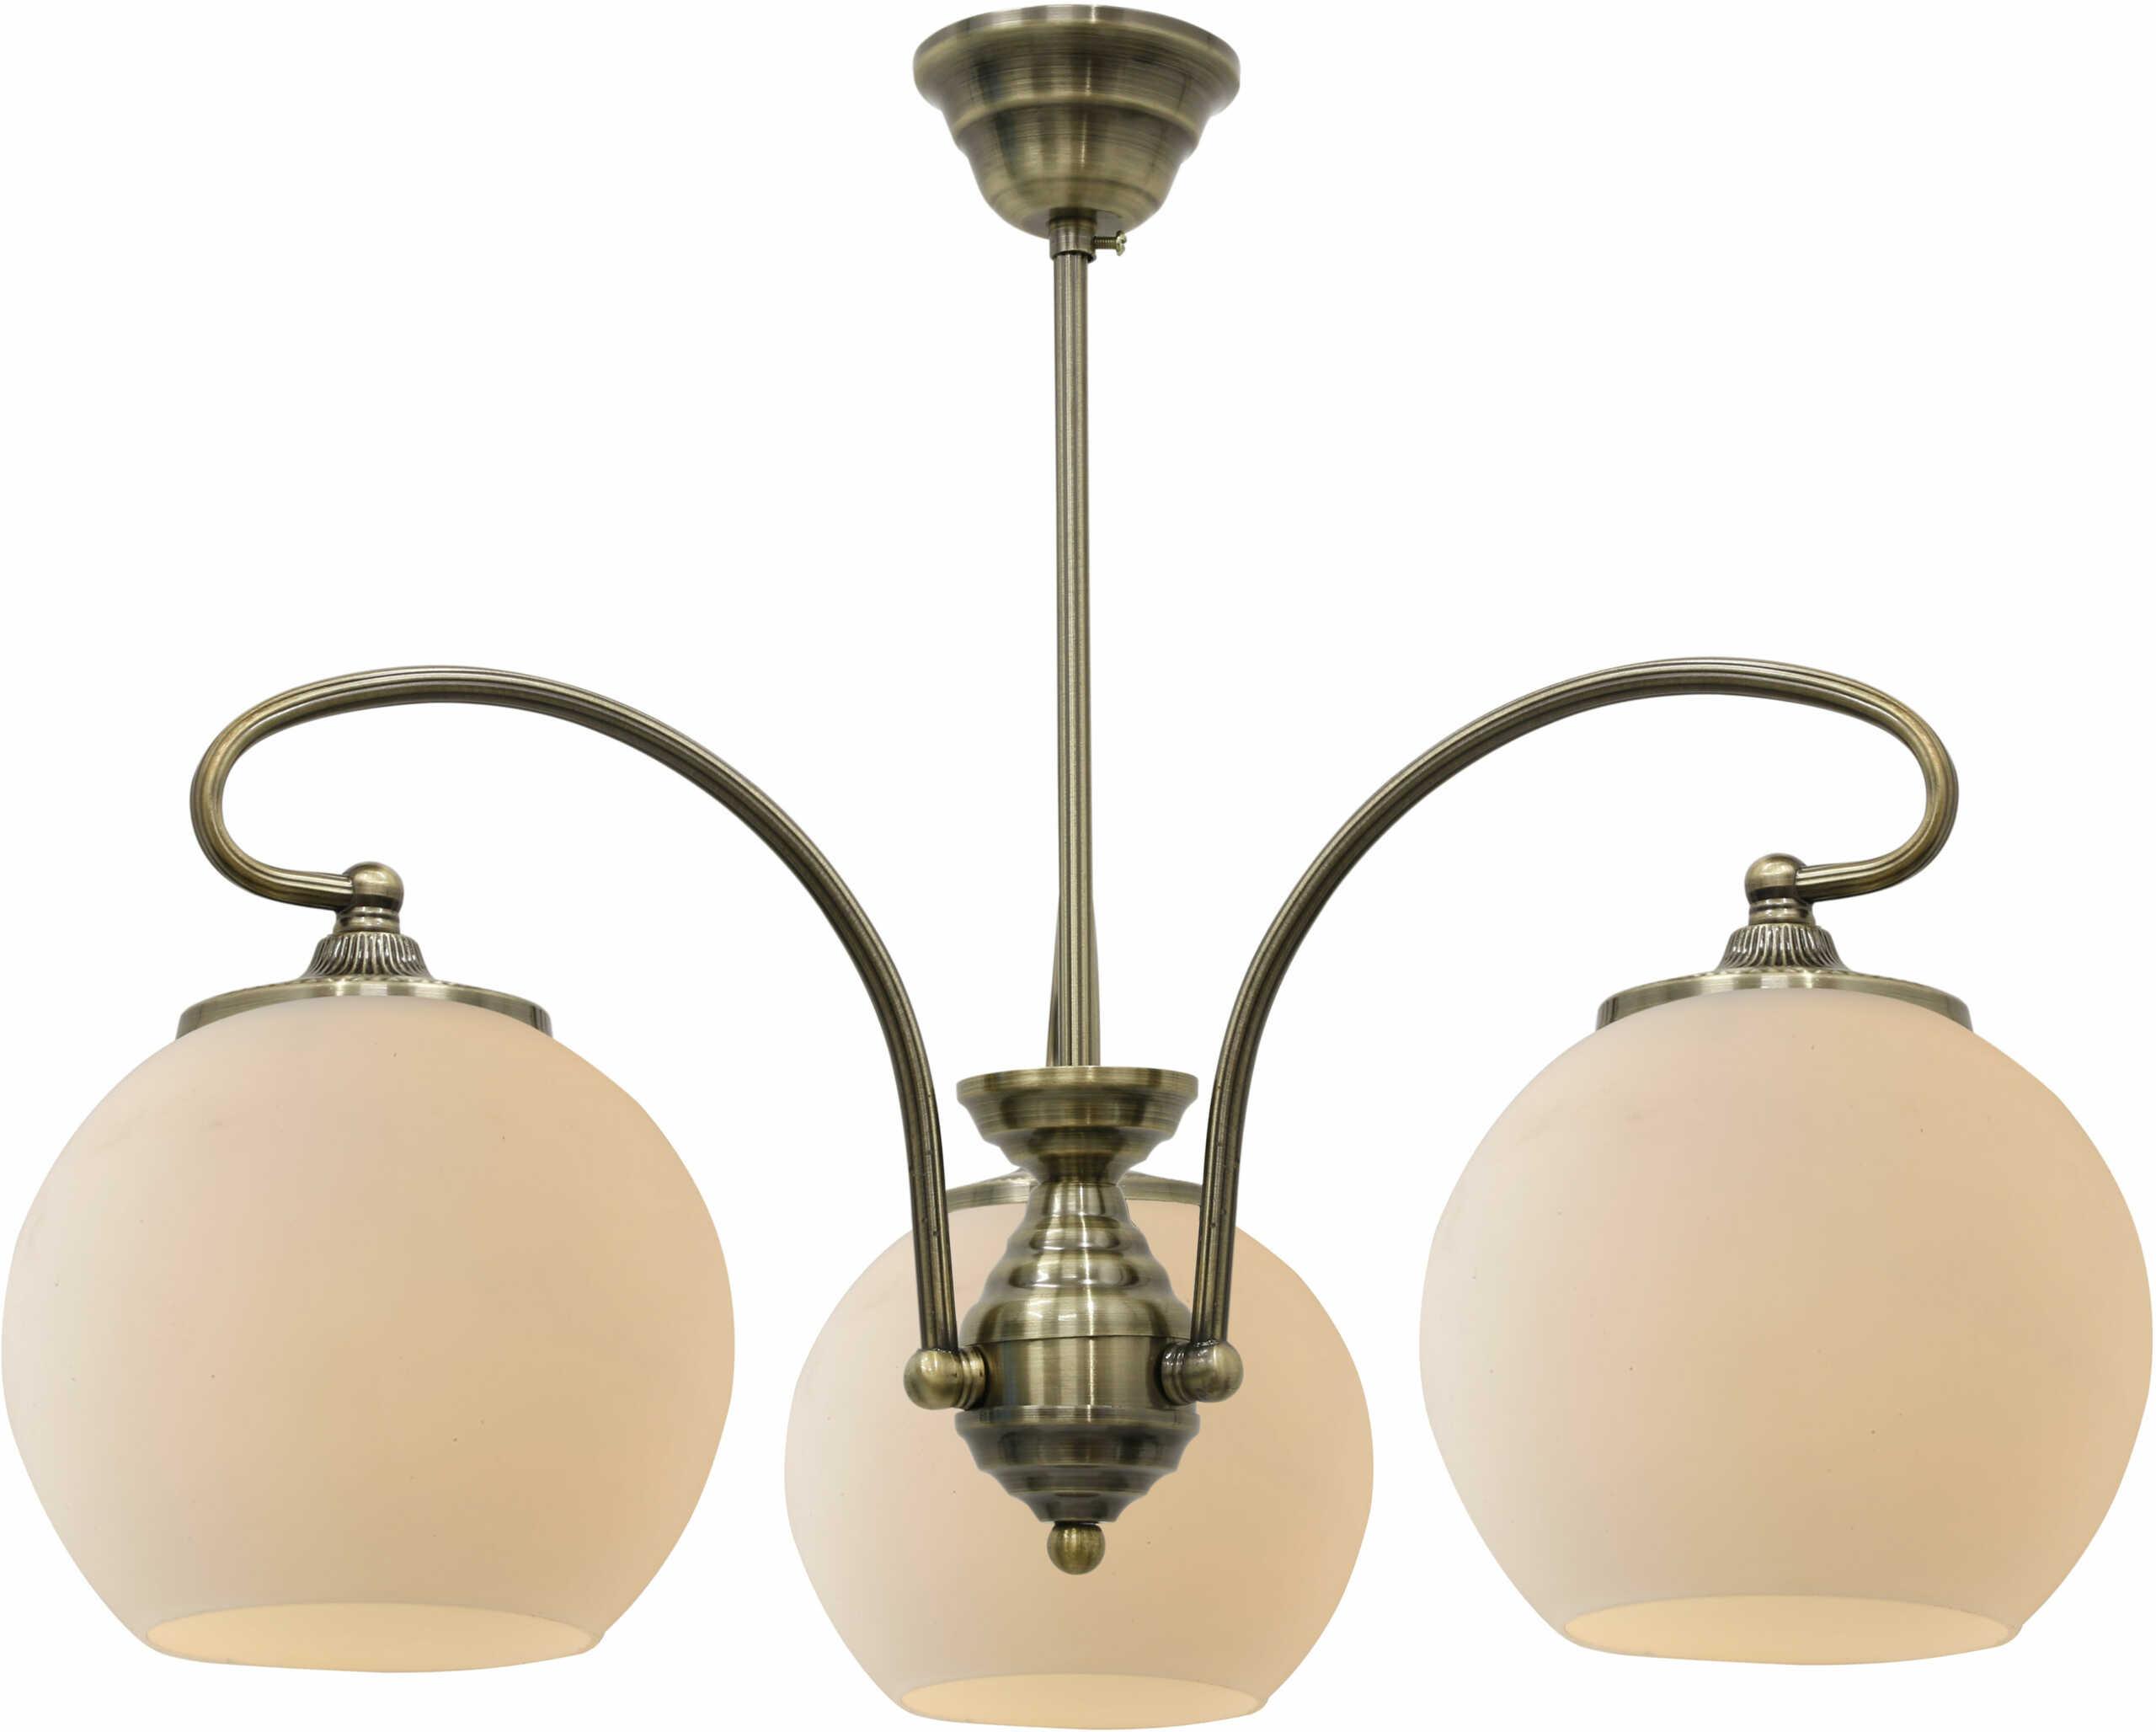 Candellux ORBIT 33-69351 lampa wisząca patynowa miedź 3X60W E27 51cm